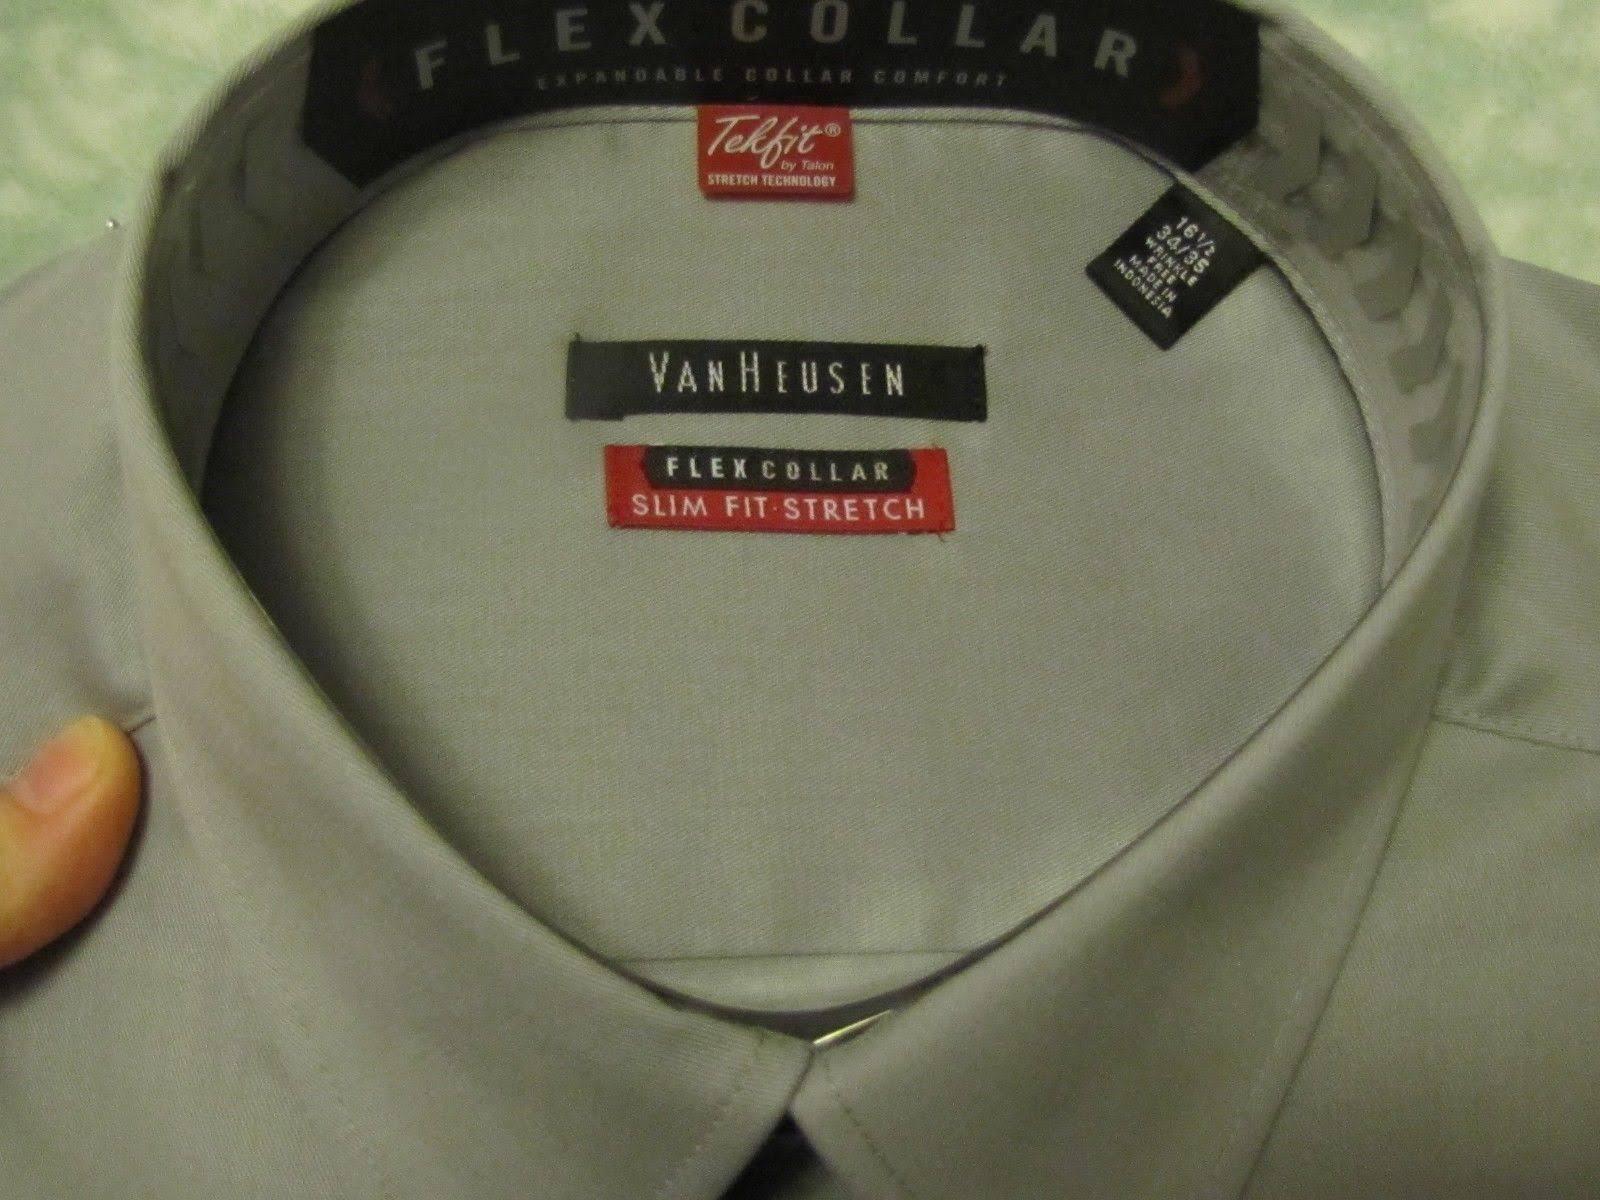 34 Vestir 5 Corte 16 35 De Hombres Con Camisa Gris Ajustado Recto Van Cuello Para Heusen 4S6O5wqx